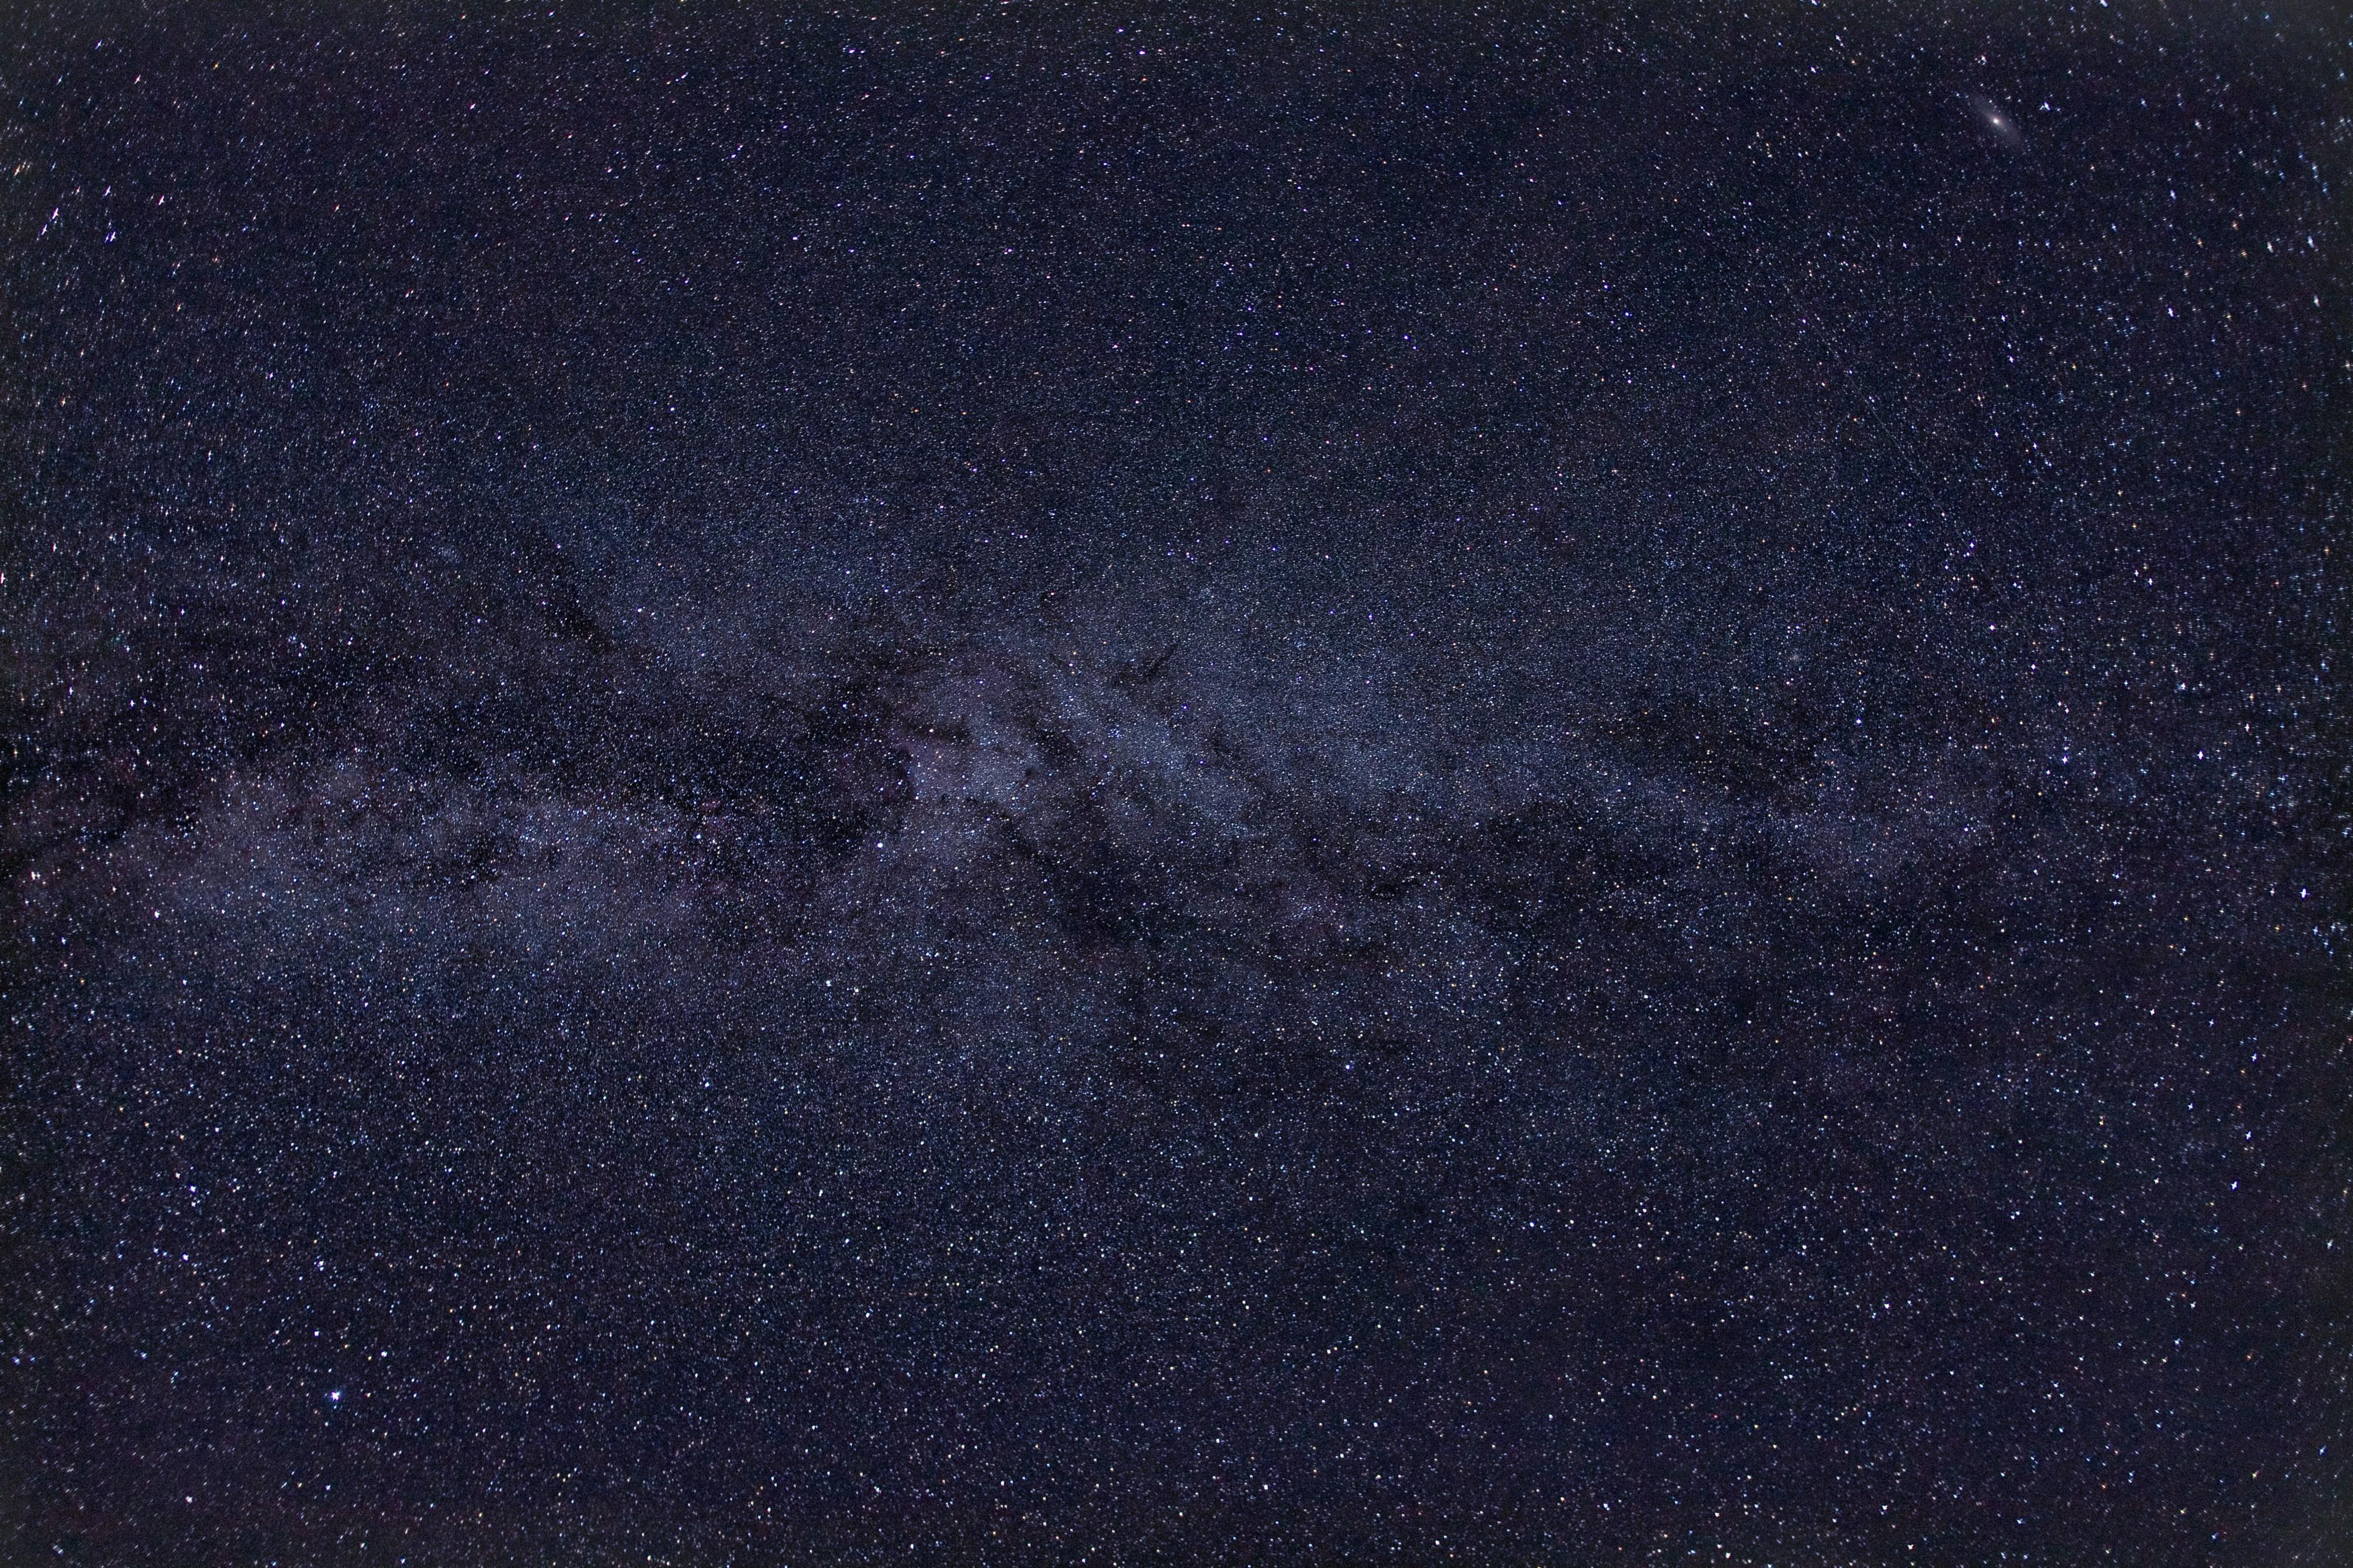 Stars & célébrités toute nue imagesize:960×640